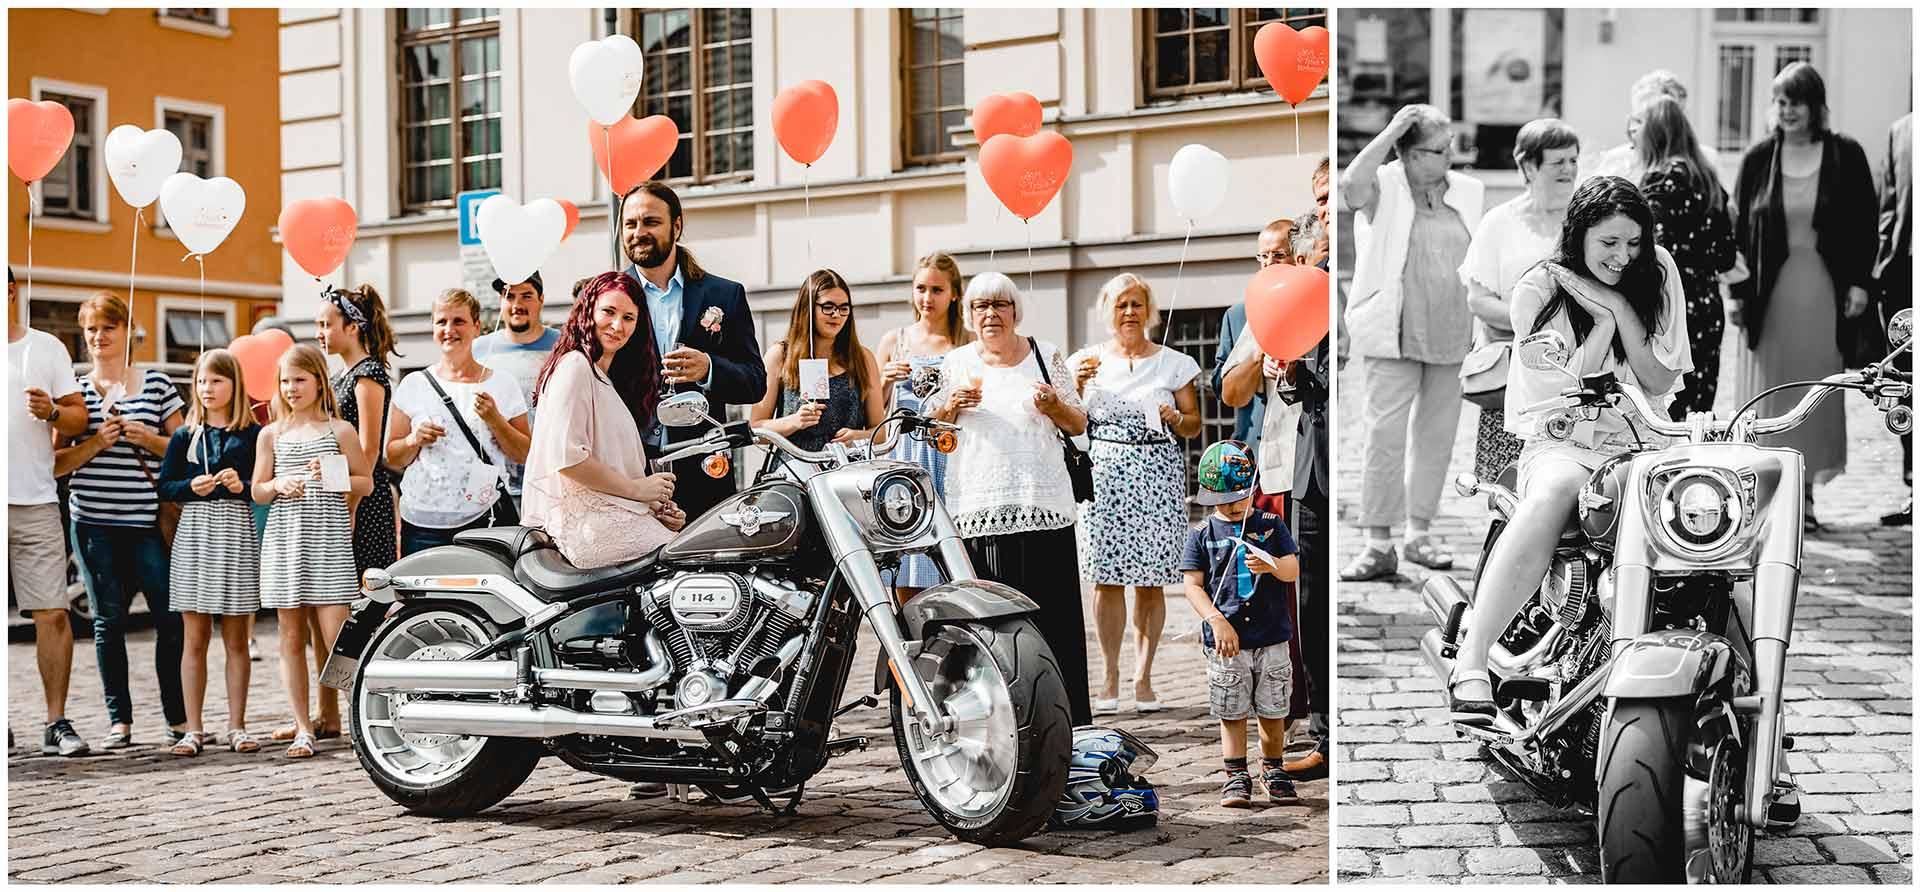 Braut sitzt auf Harley Davidson, Braut freut sich über die Harley Davidson - Hochzeitsfotograf in Teterow